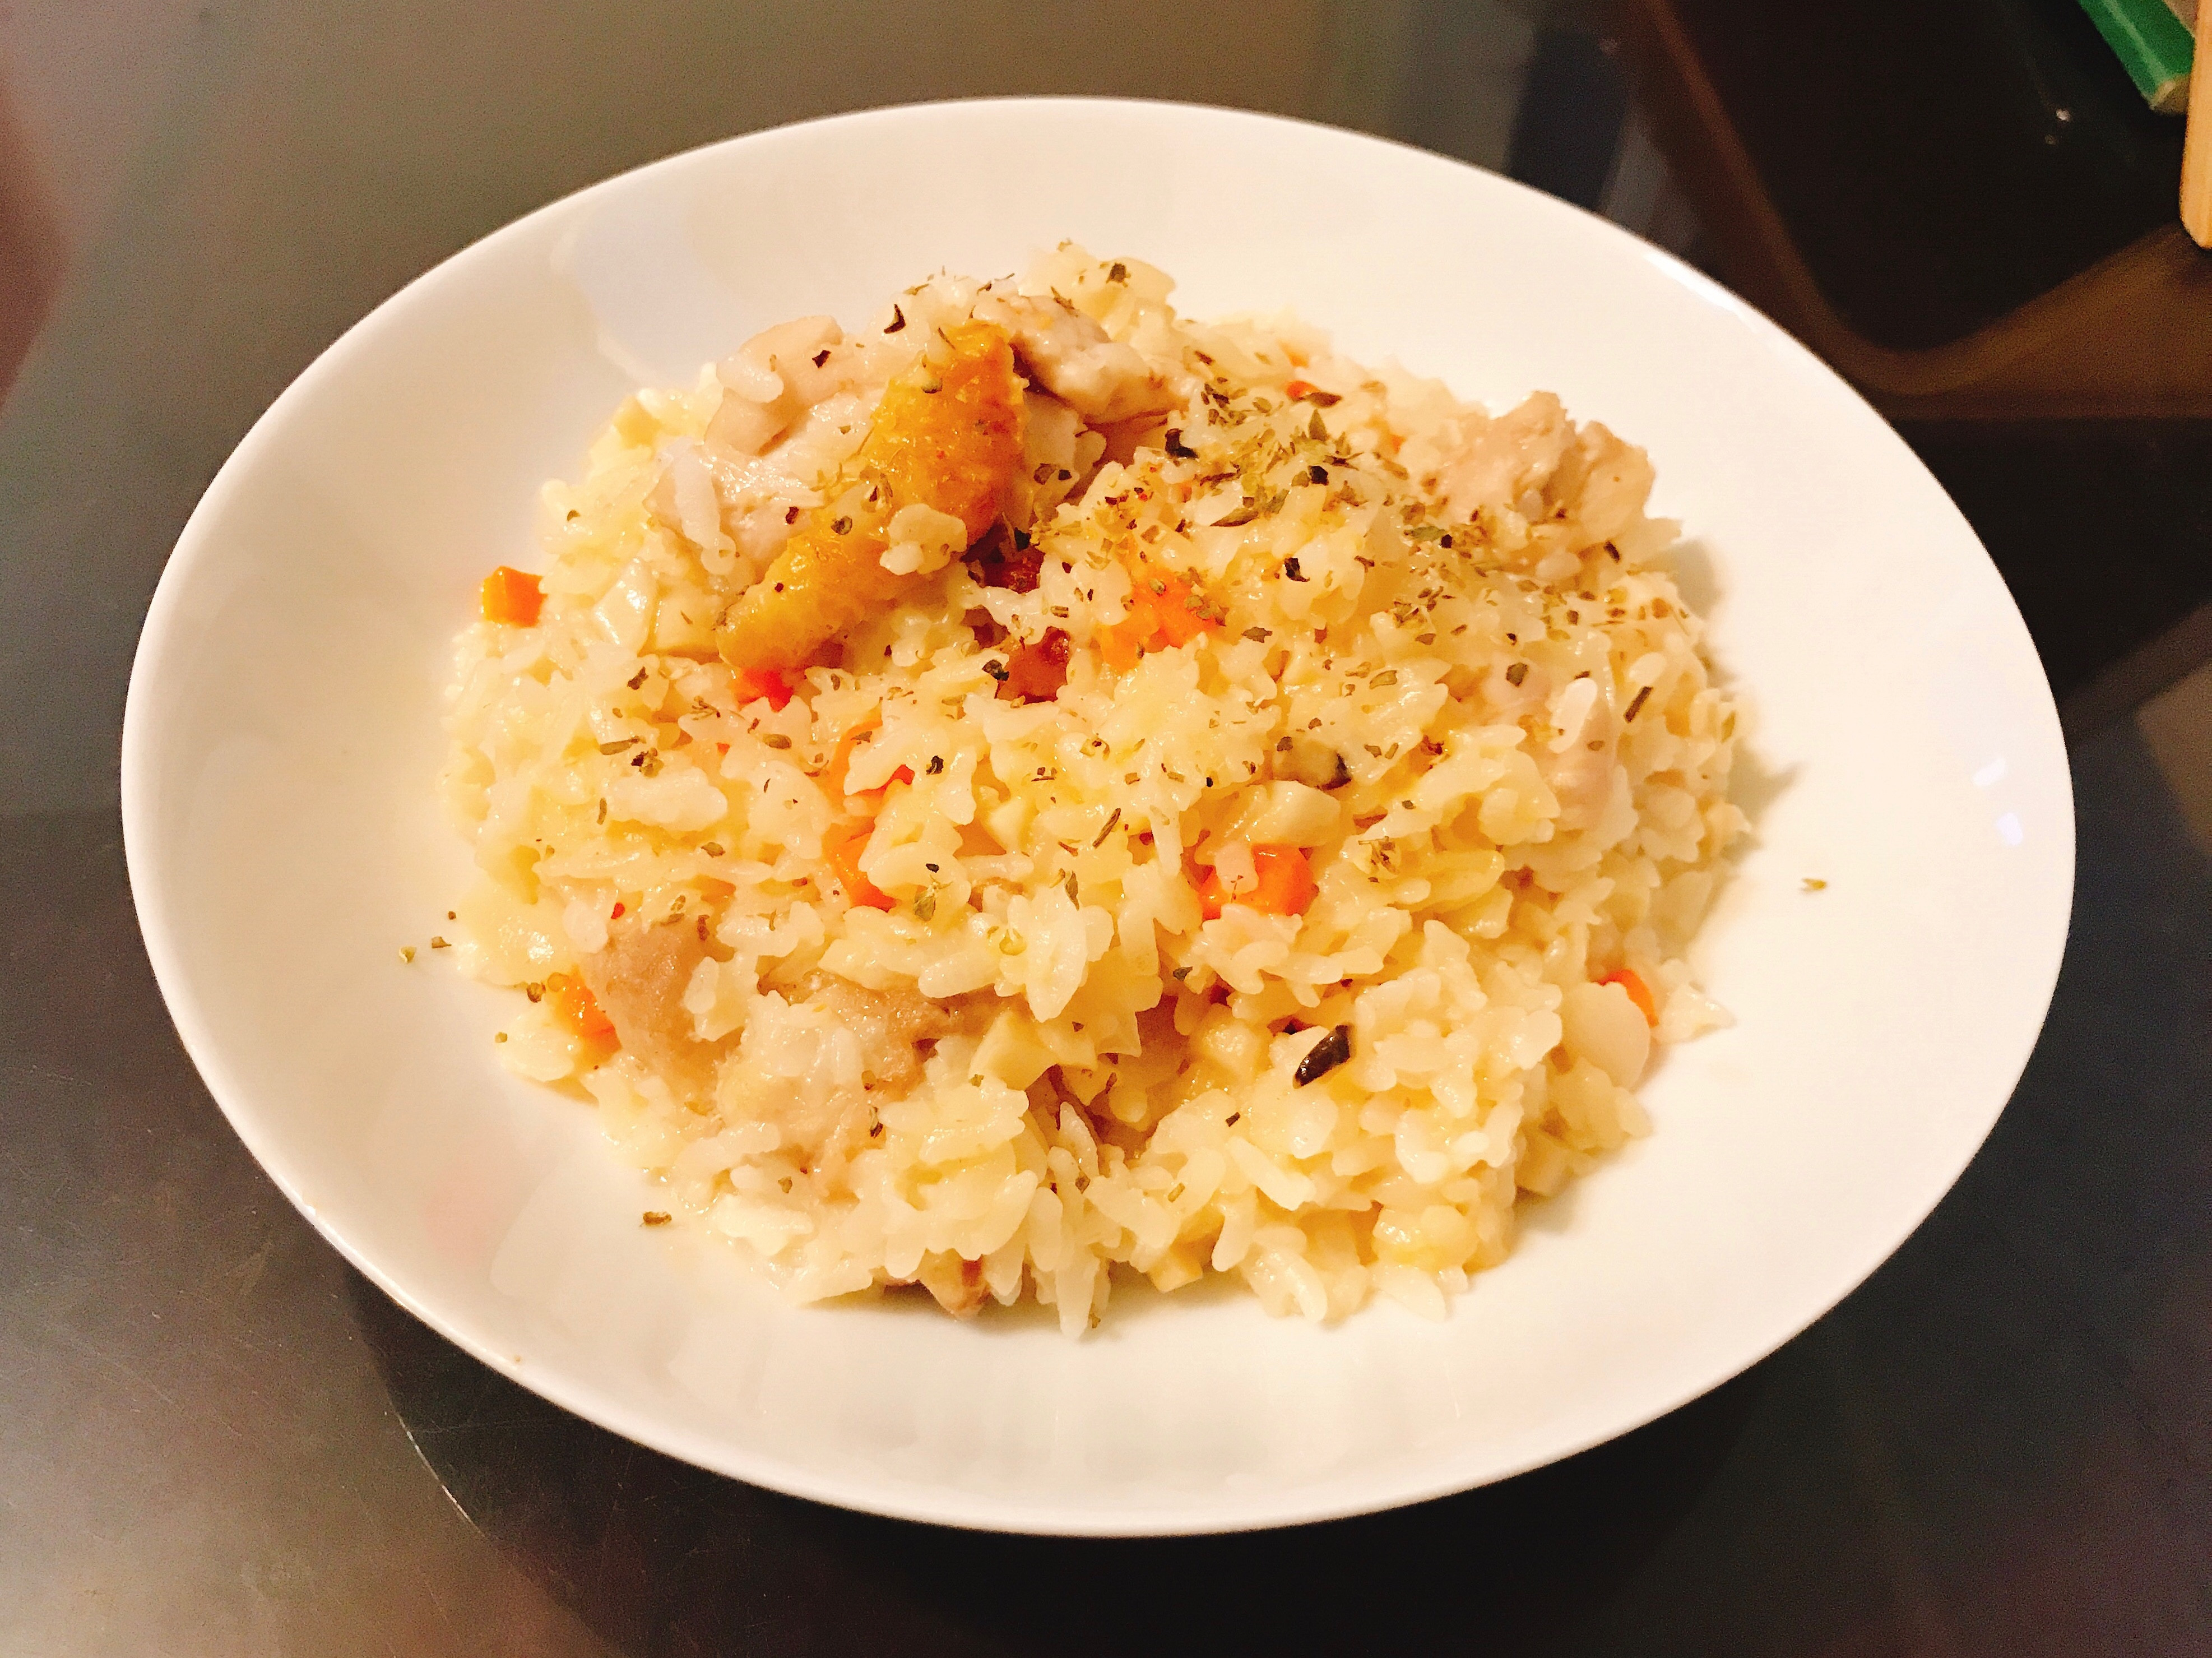 蘿蔔排骨雞燉飯(剩湯料理)